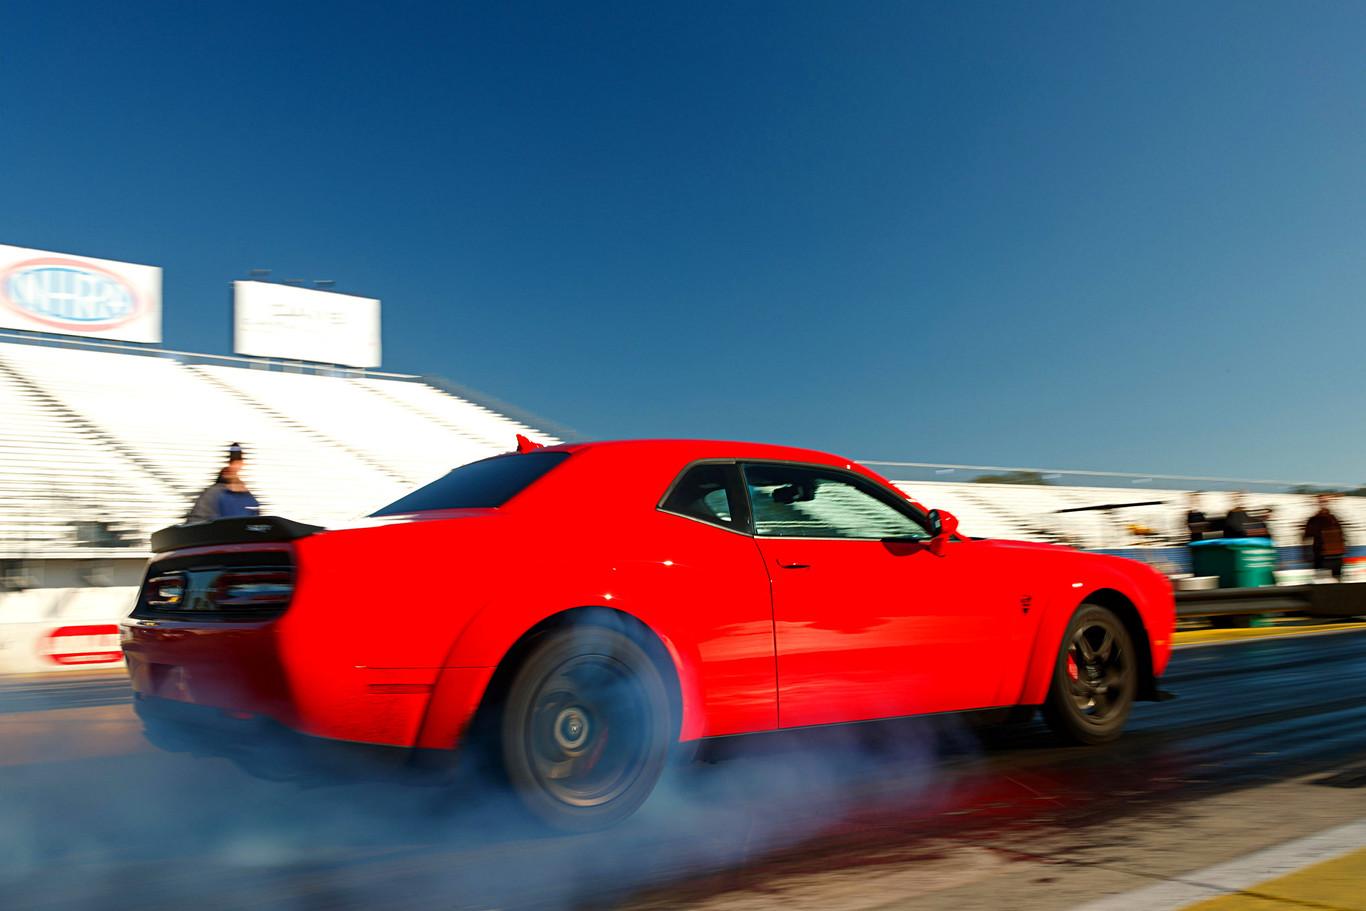 El muscle car de producción más potente de la historia ya está aquí: El Dodge Challenger SRT Demon tiene 840 CV y cuesta menos de 80.000 euros